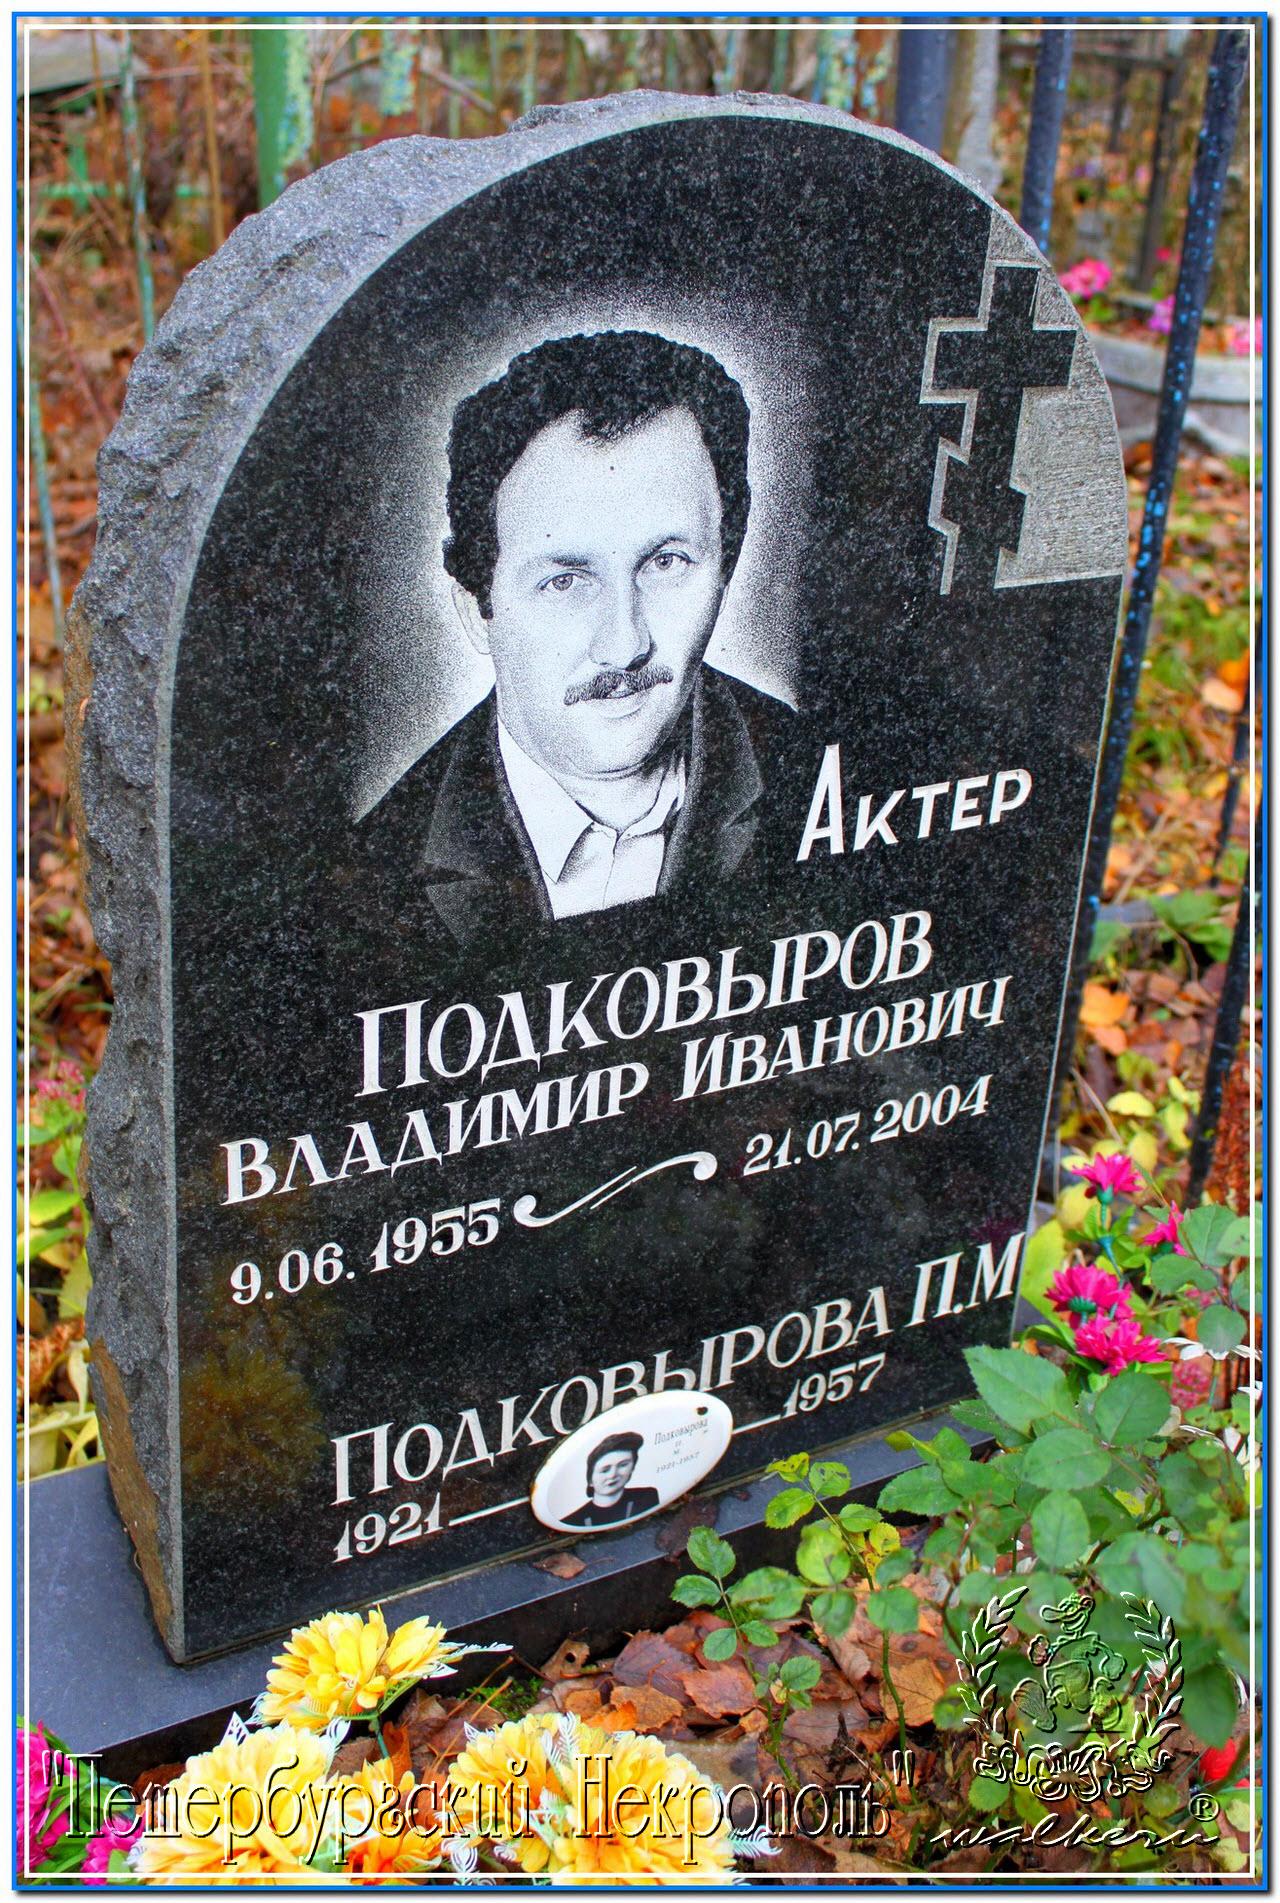 Подковыров Владимир Иванович